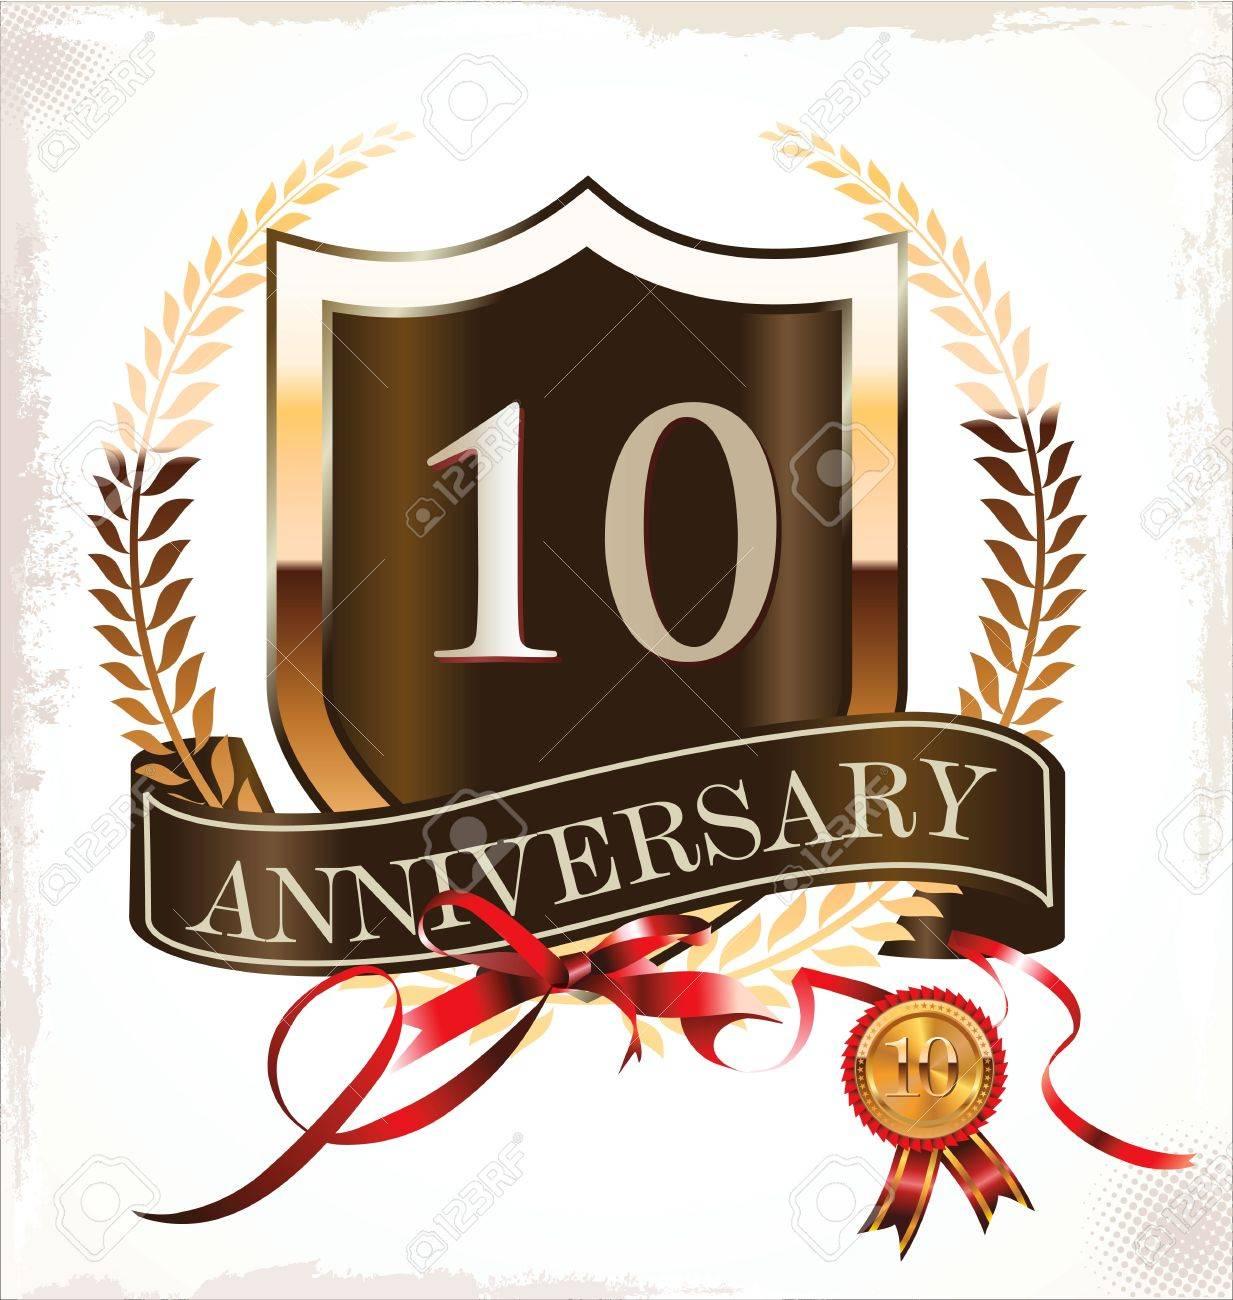 10 years anniversary golden label Stock Vector - 19466010